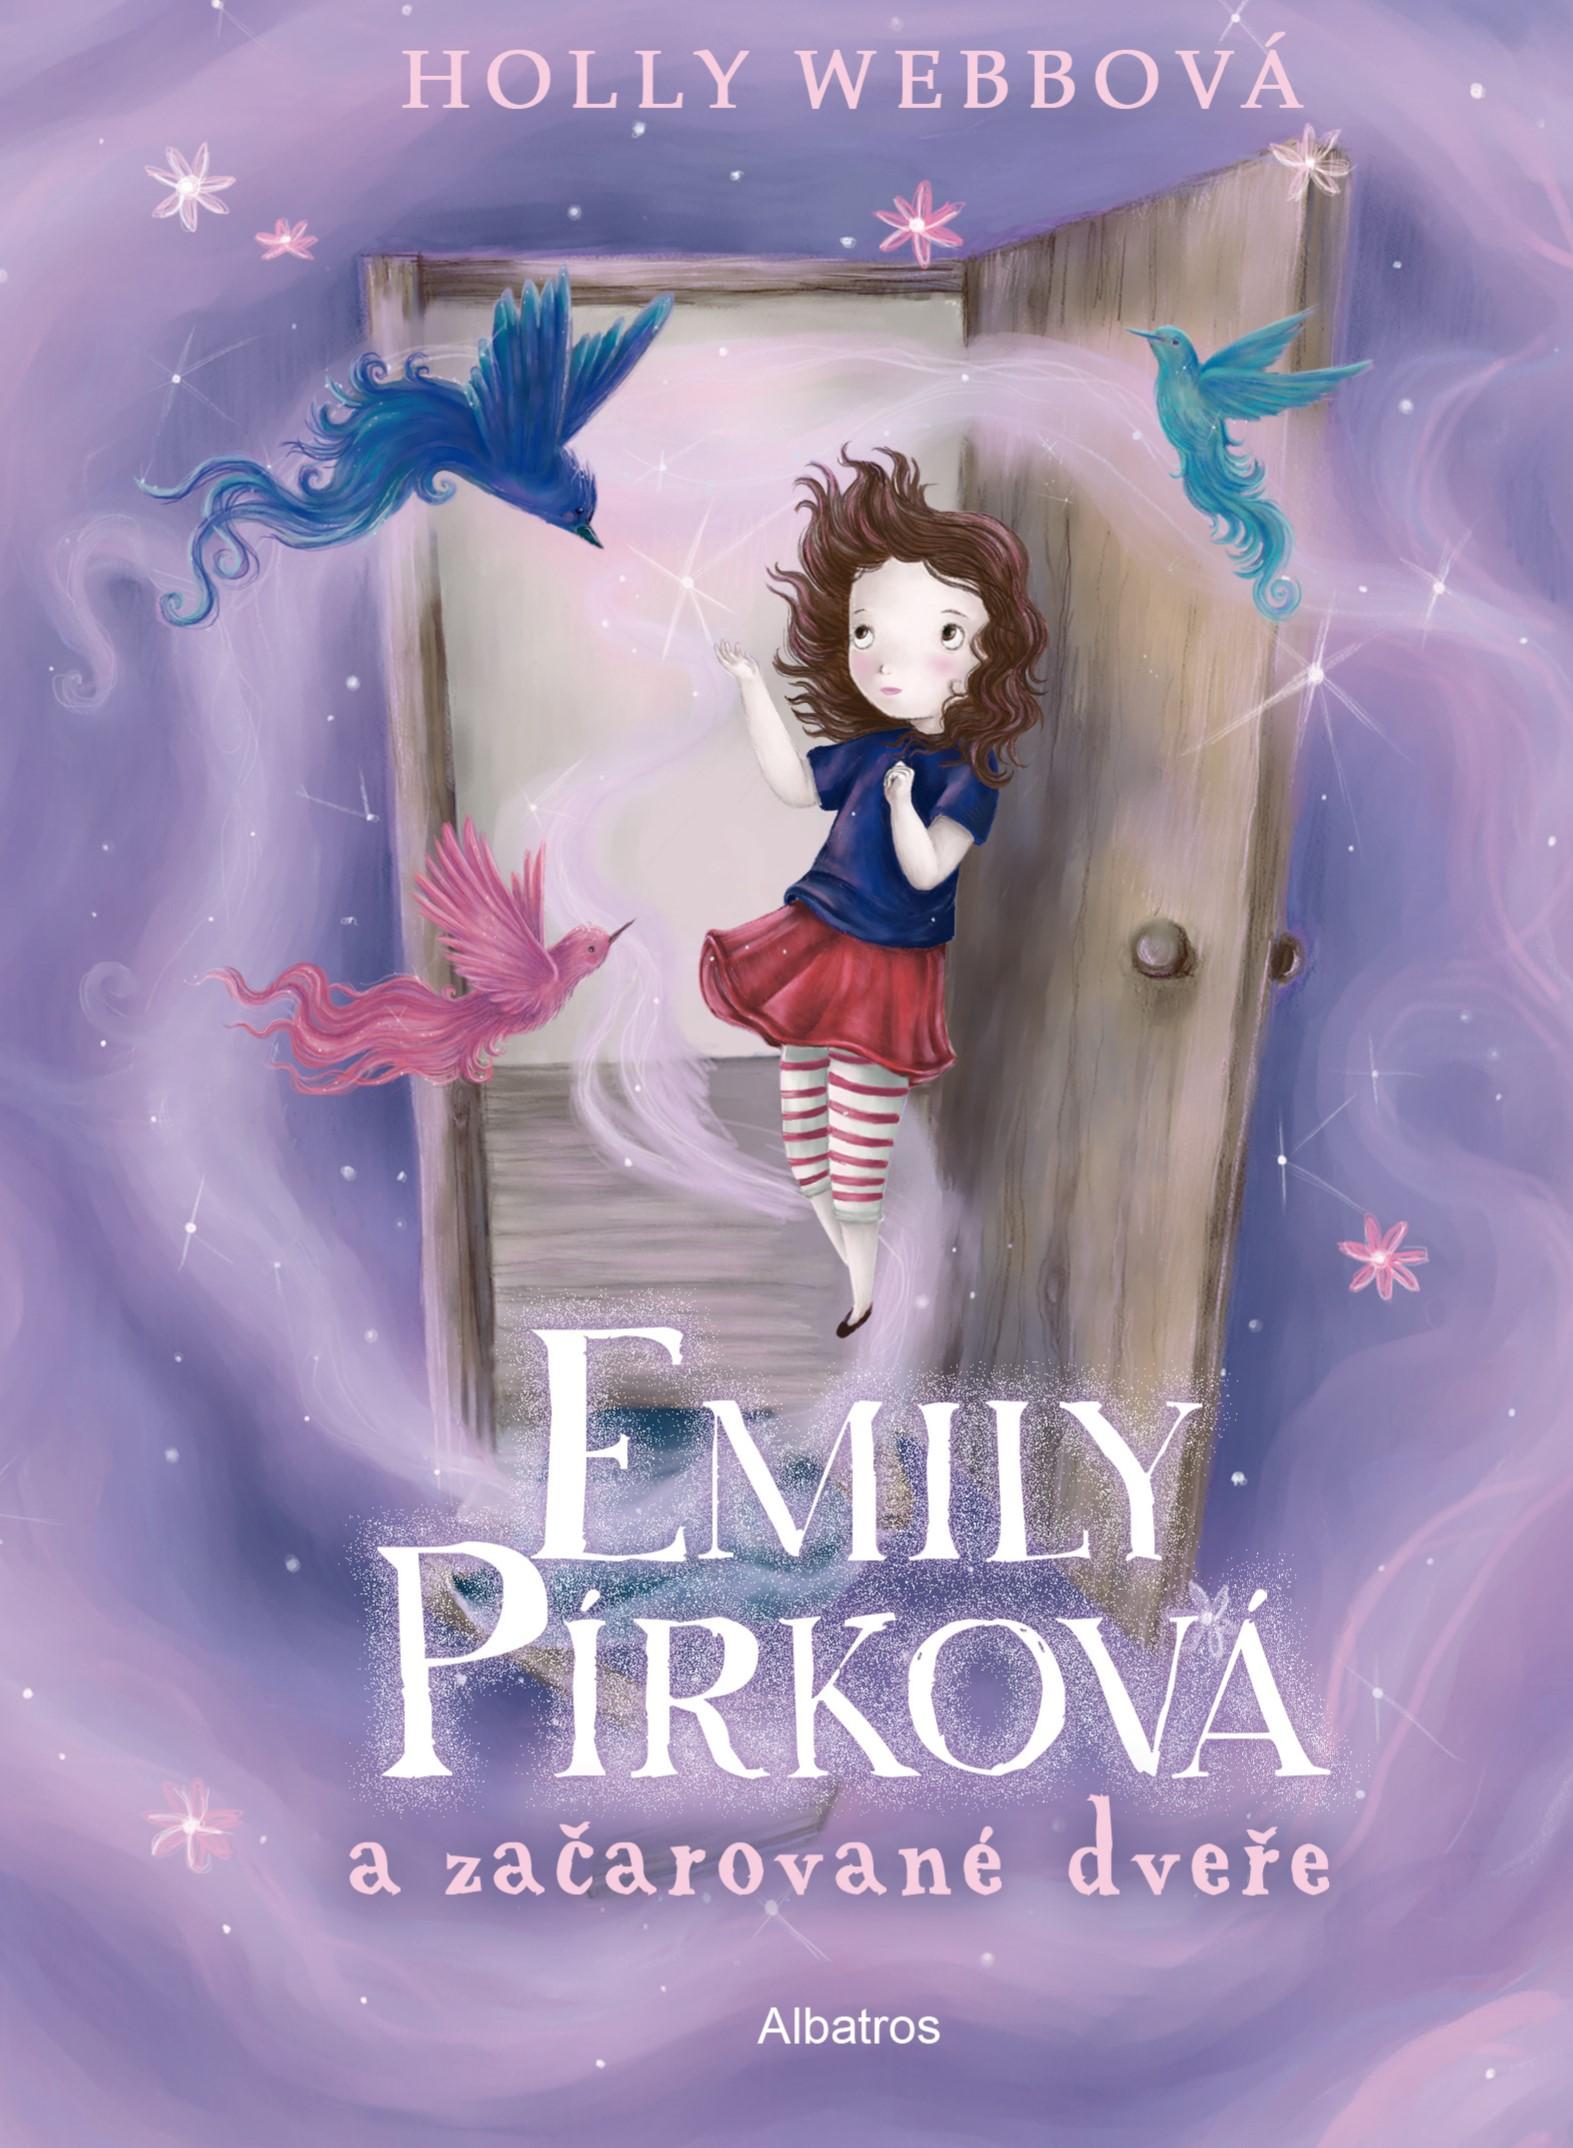 Emily Pírková a začarované dveře | Holly Webbová